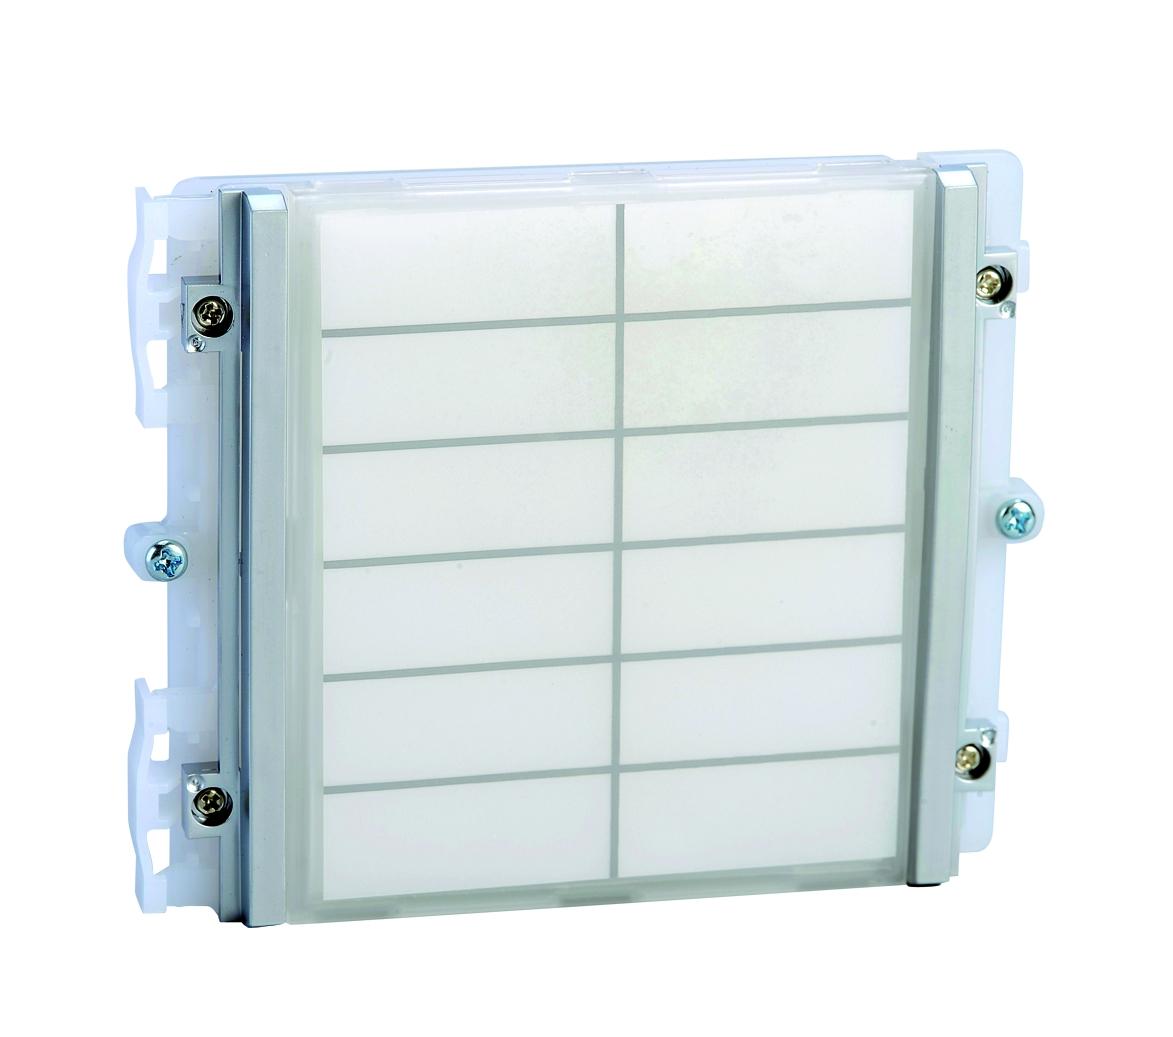 1 Stk Info-Modul IKALL beleuchtet SP333600--